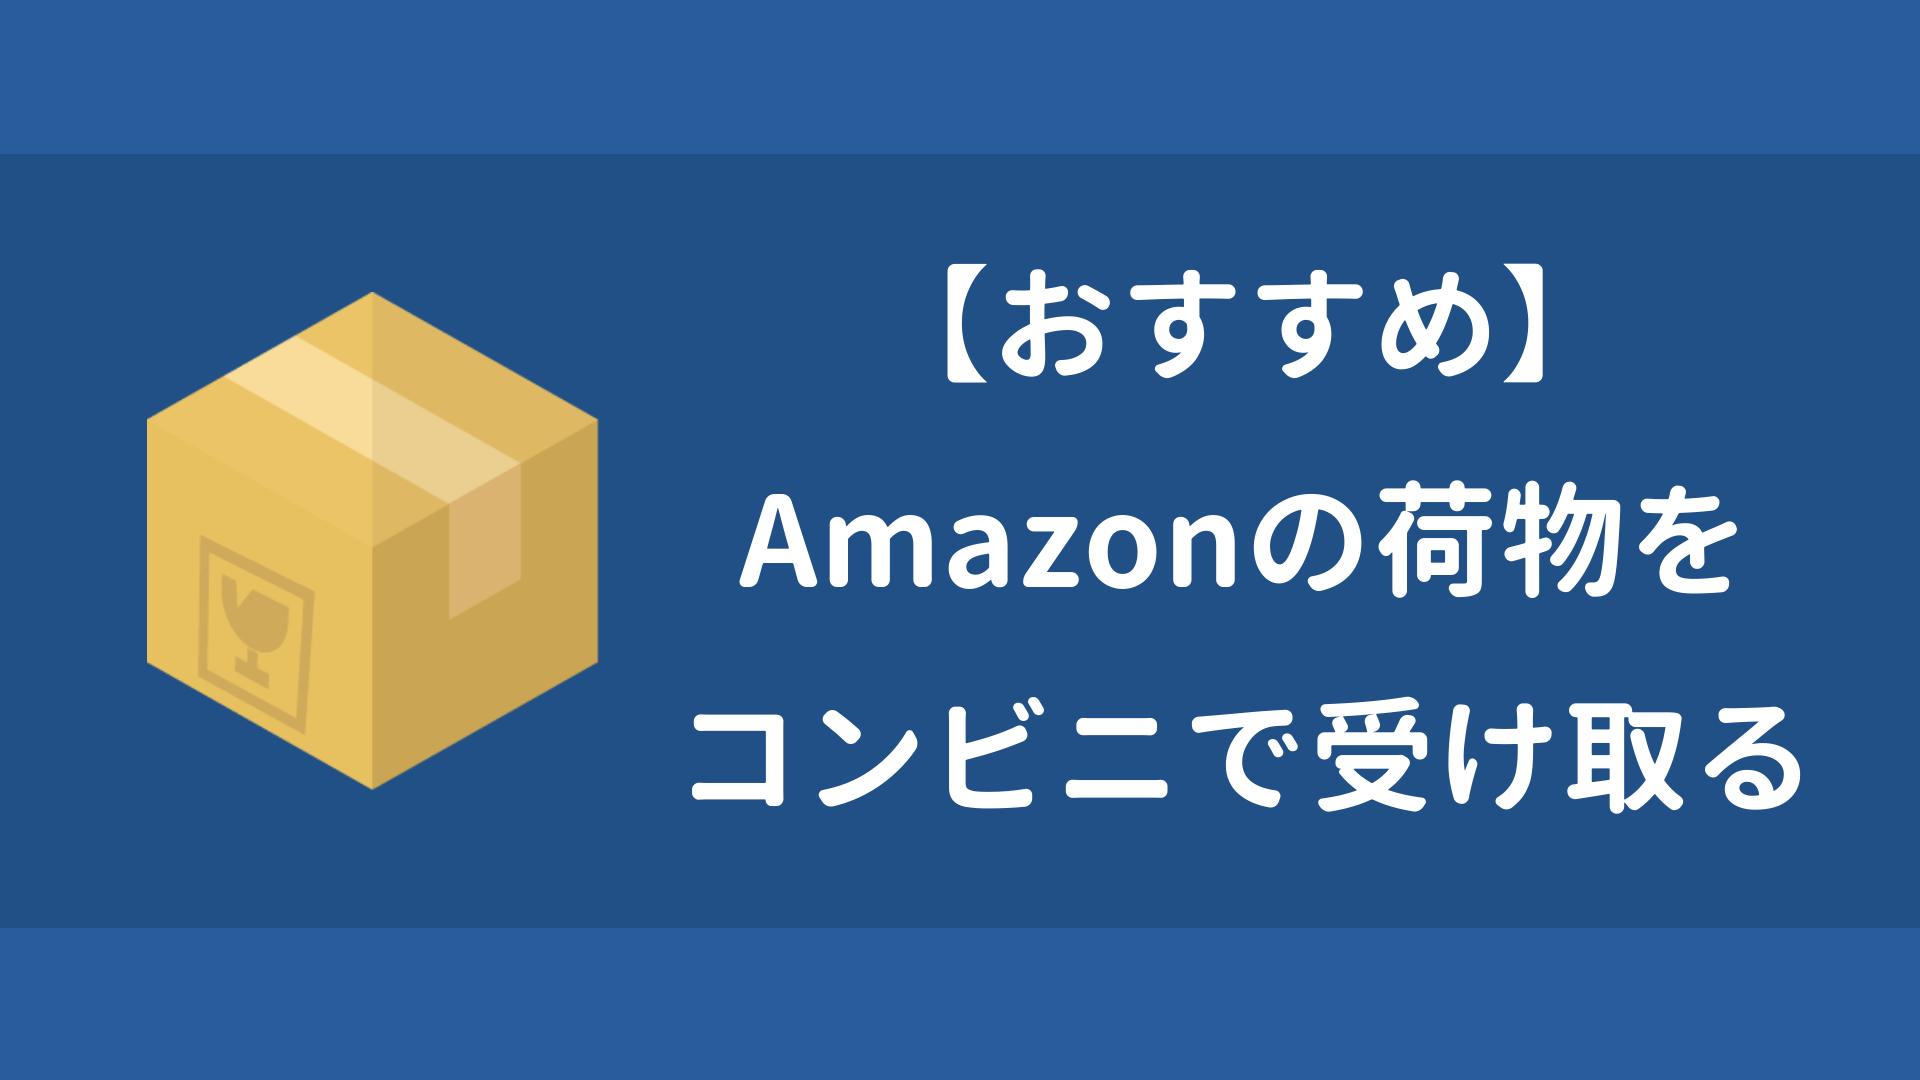 Amazon コンビニ受け取り(店頭受取) 方法 手順